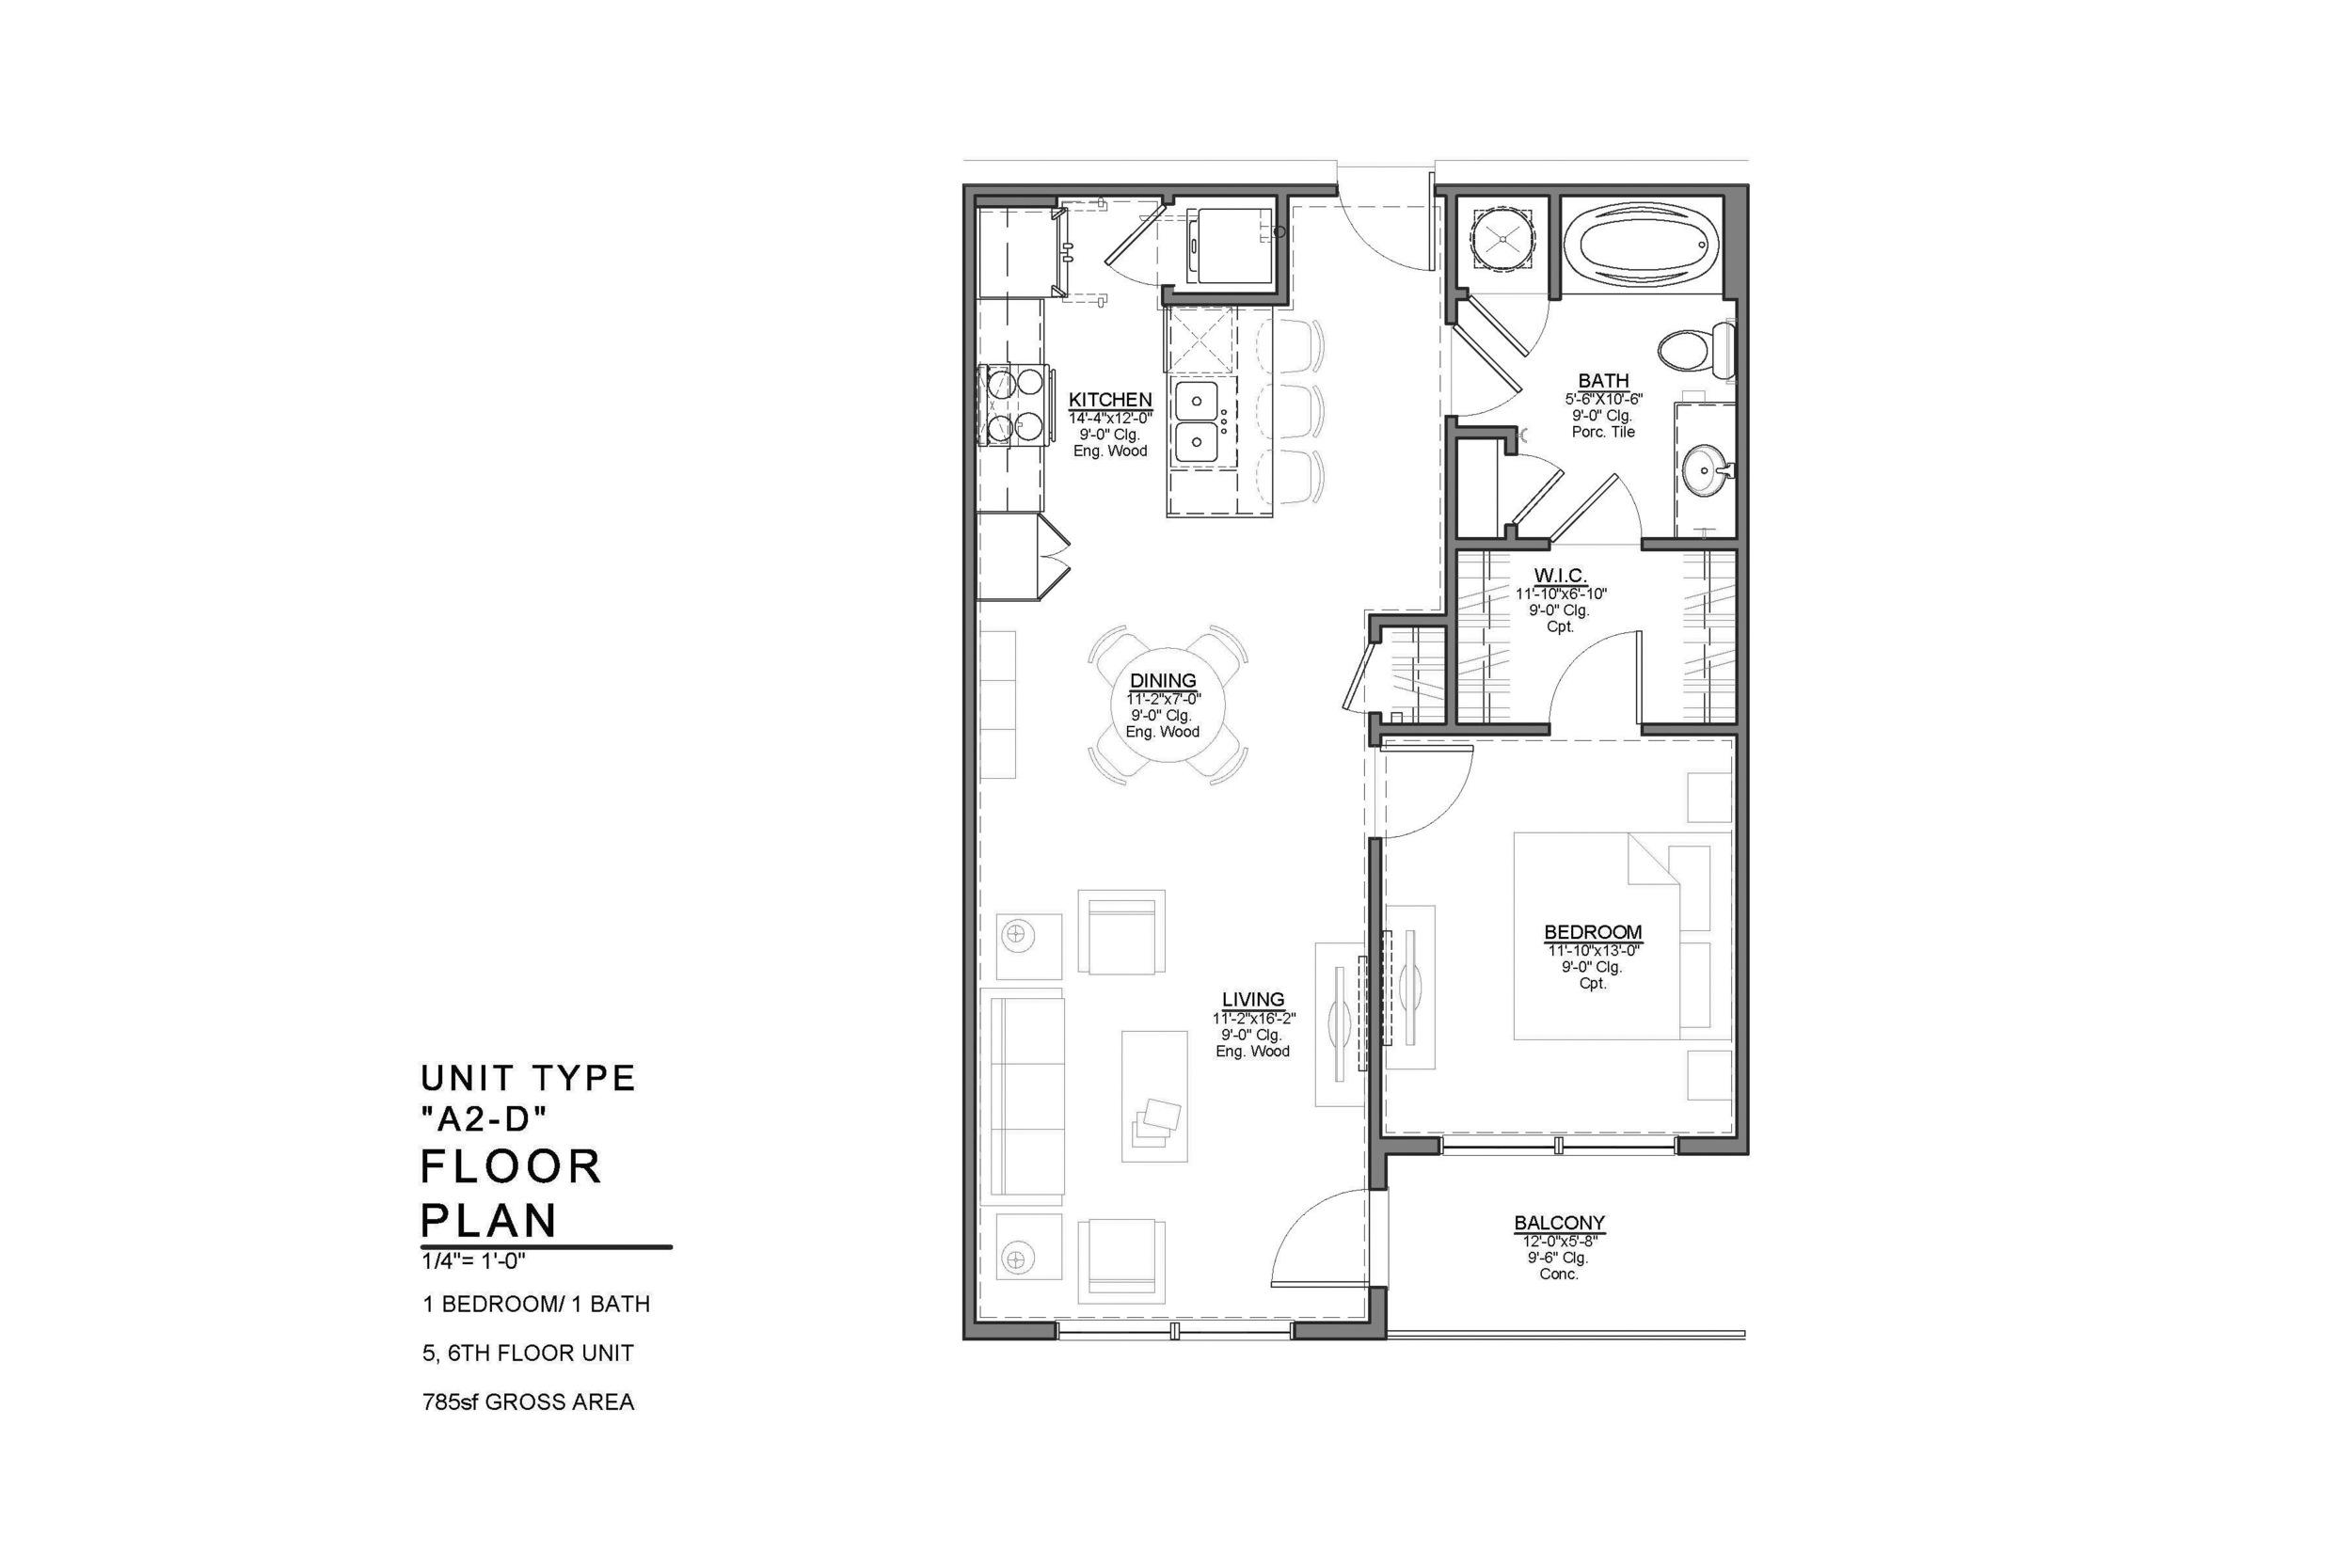 A2-D FLOOR PLAN: 1 BEDROOM / 1 BATH